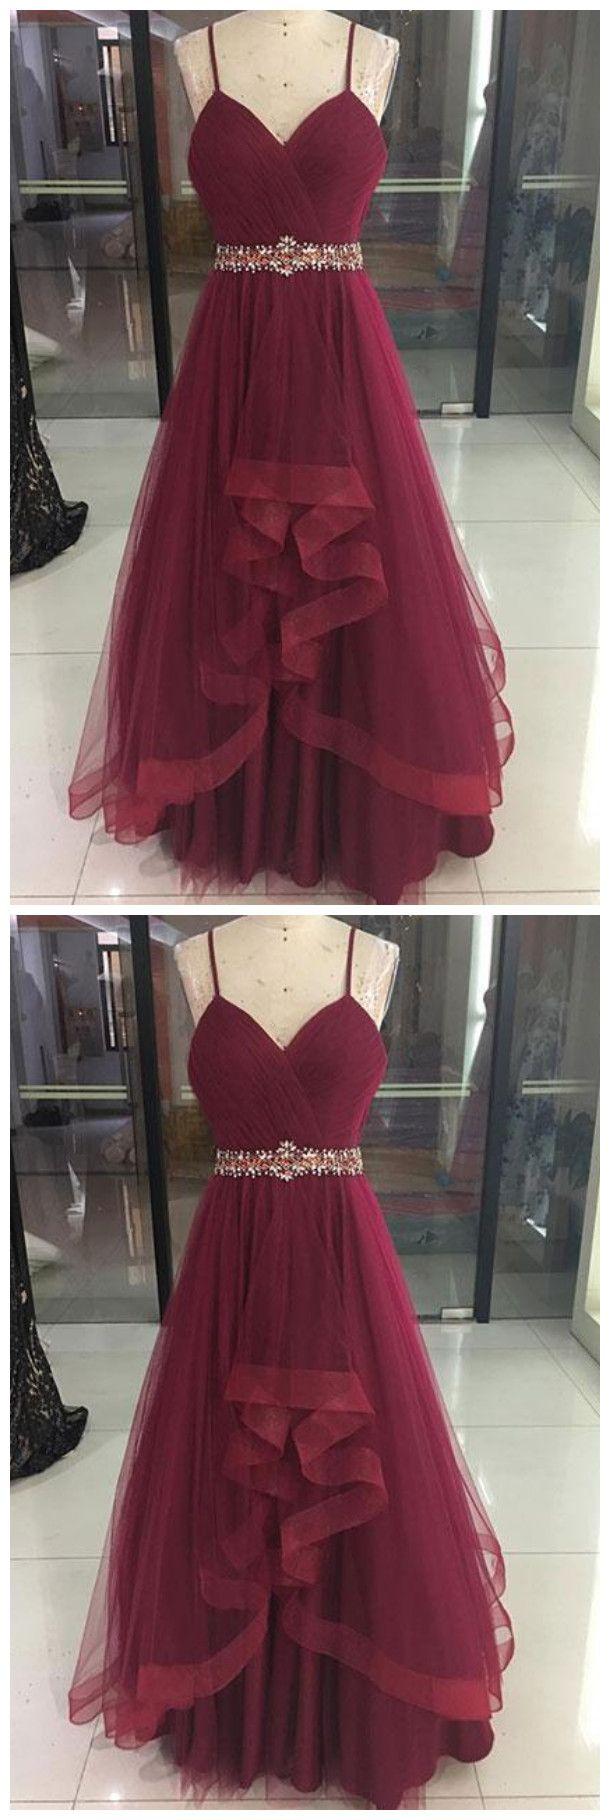 Sexy burgundy vneck tulle prom dressspaghetti straps burgundy